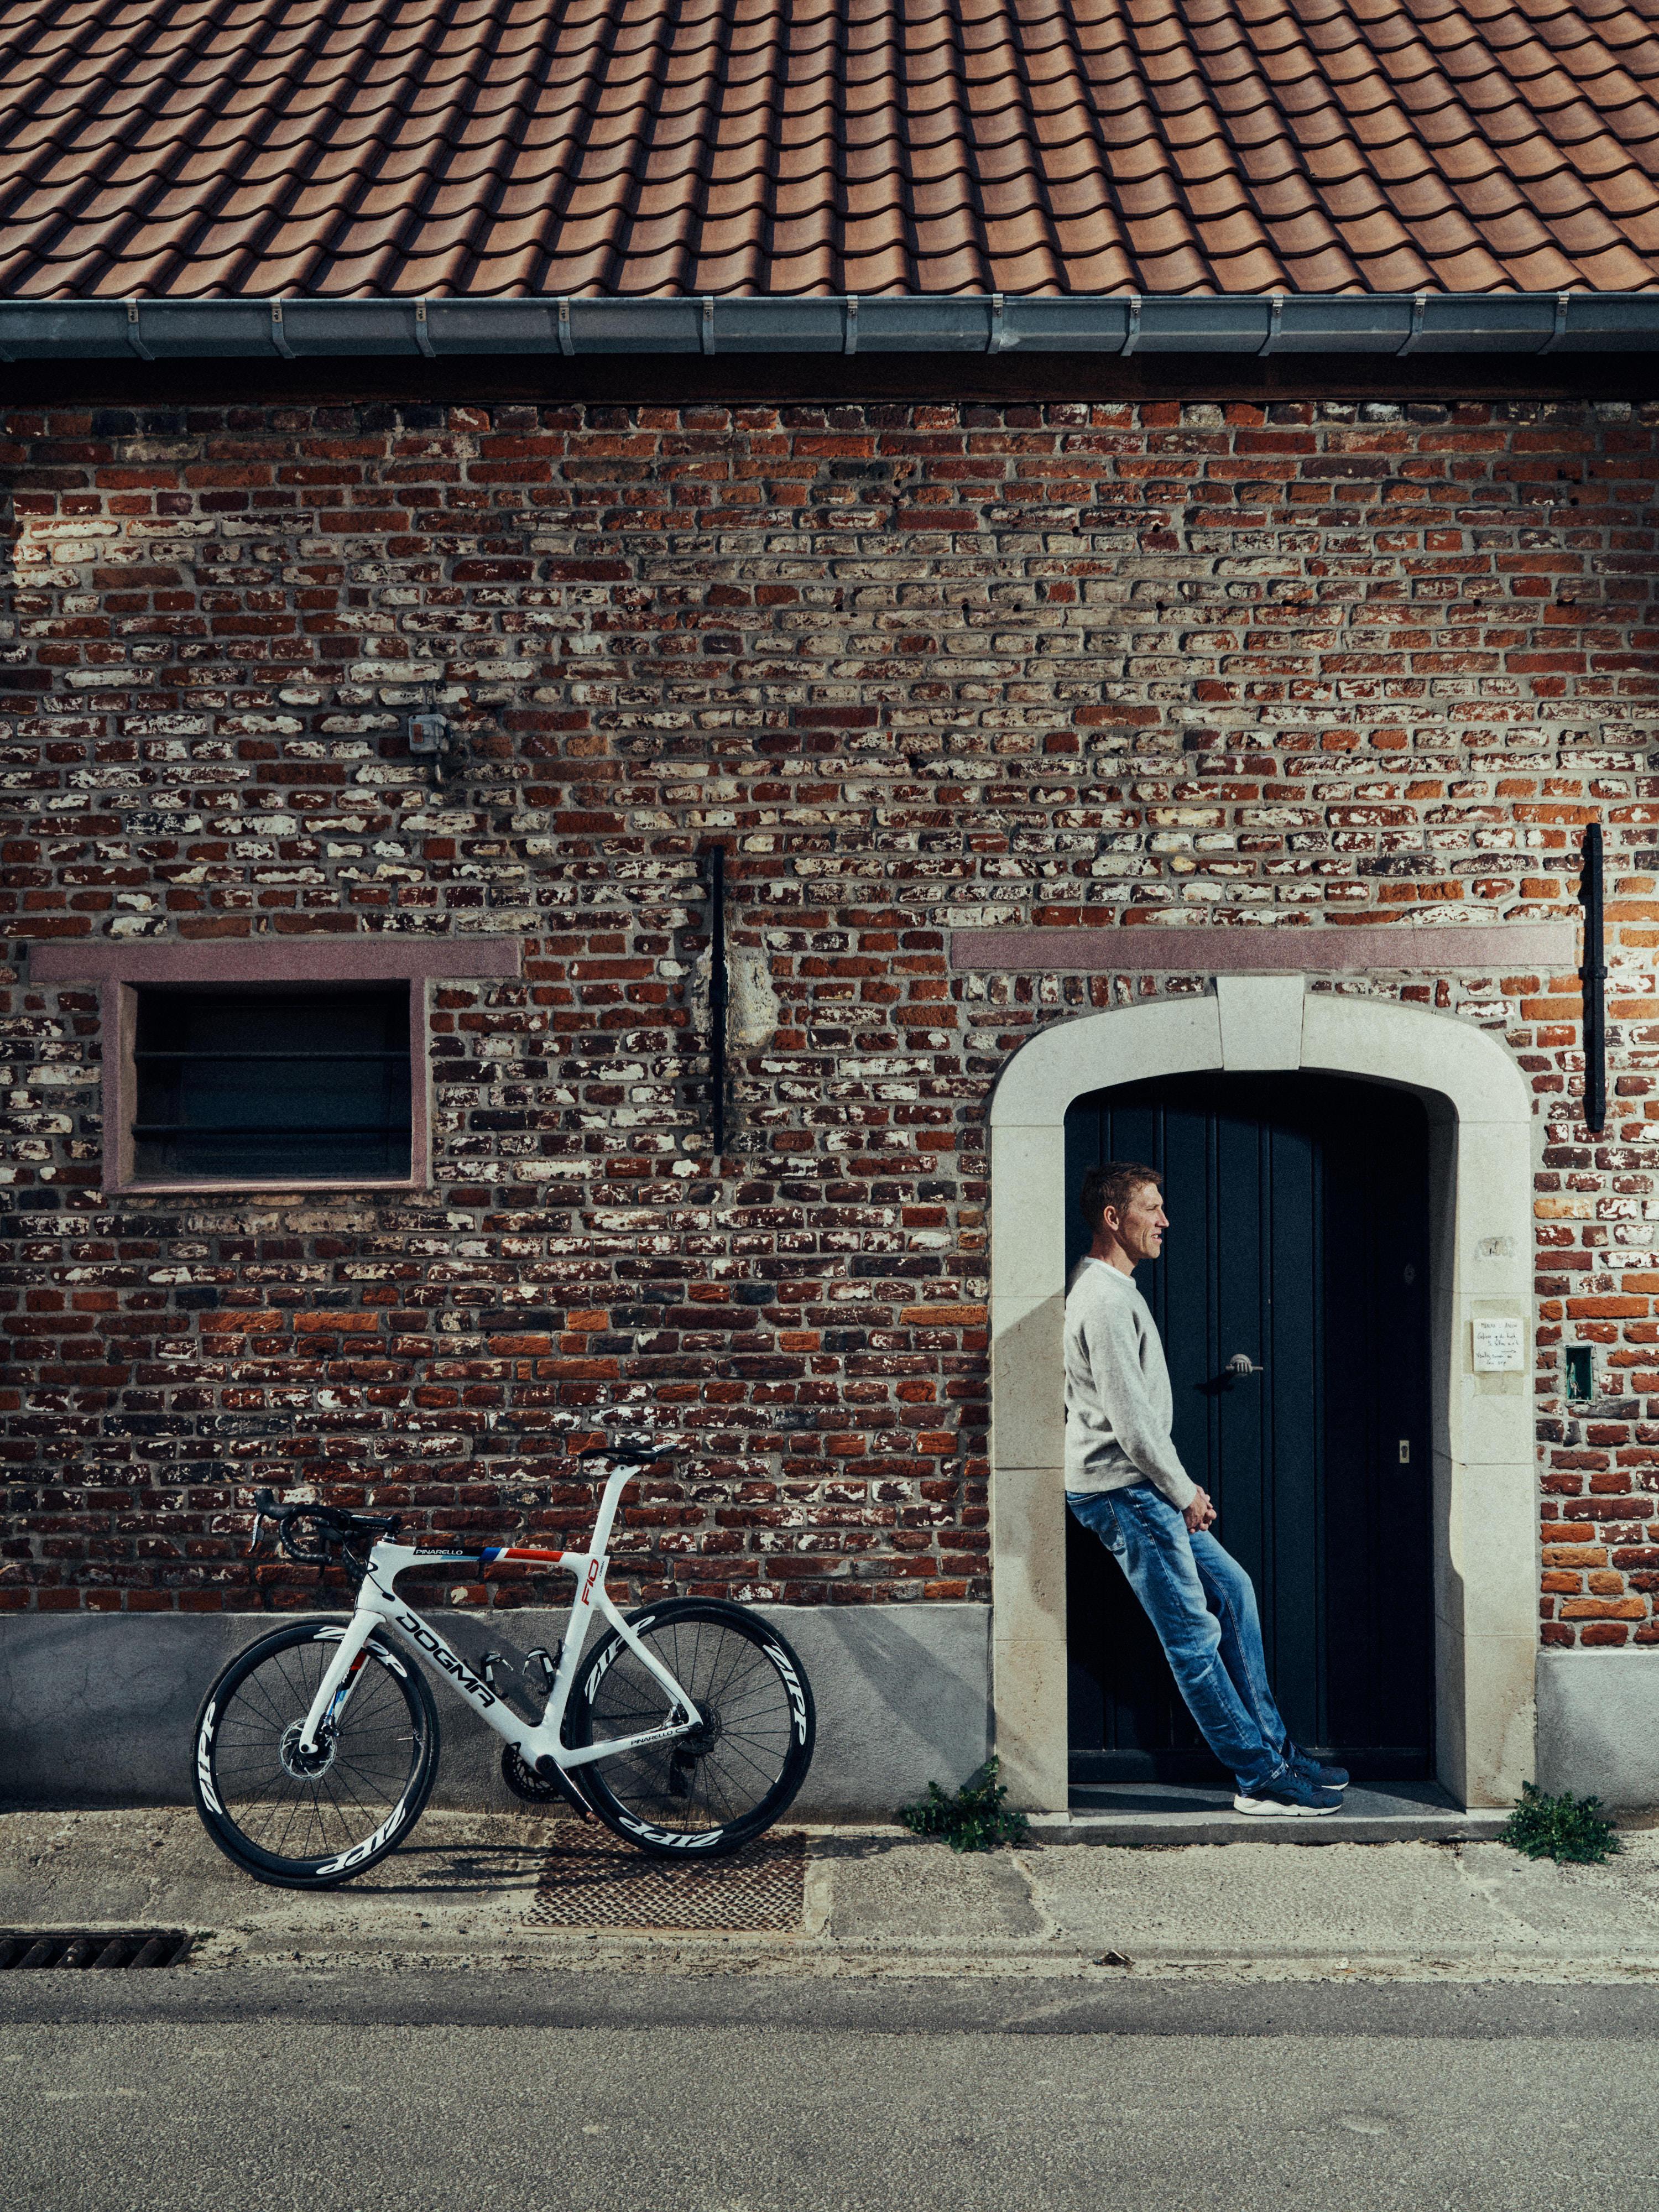 09 04 2021 Axel Merckx bahamontes wielrenner koers wielrennen 0268